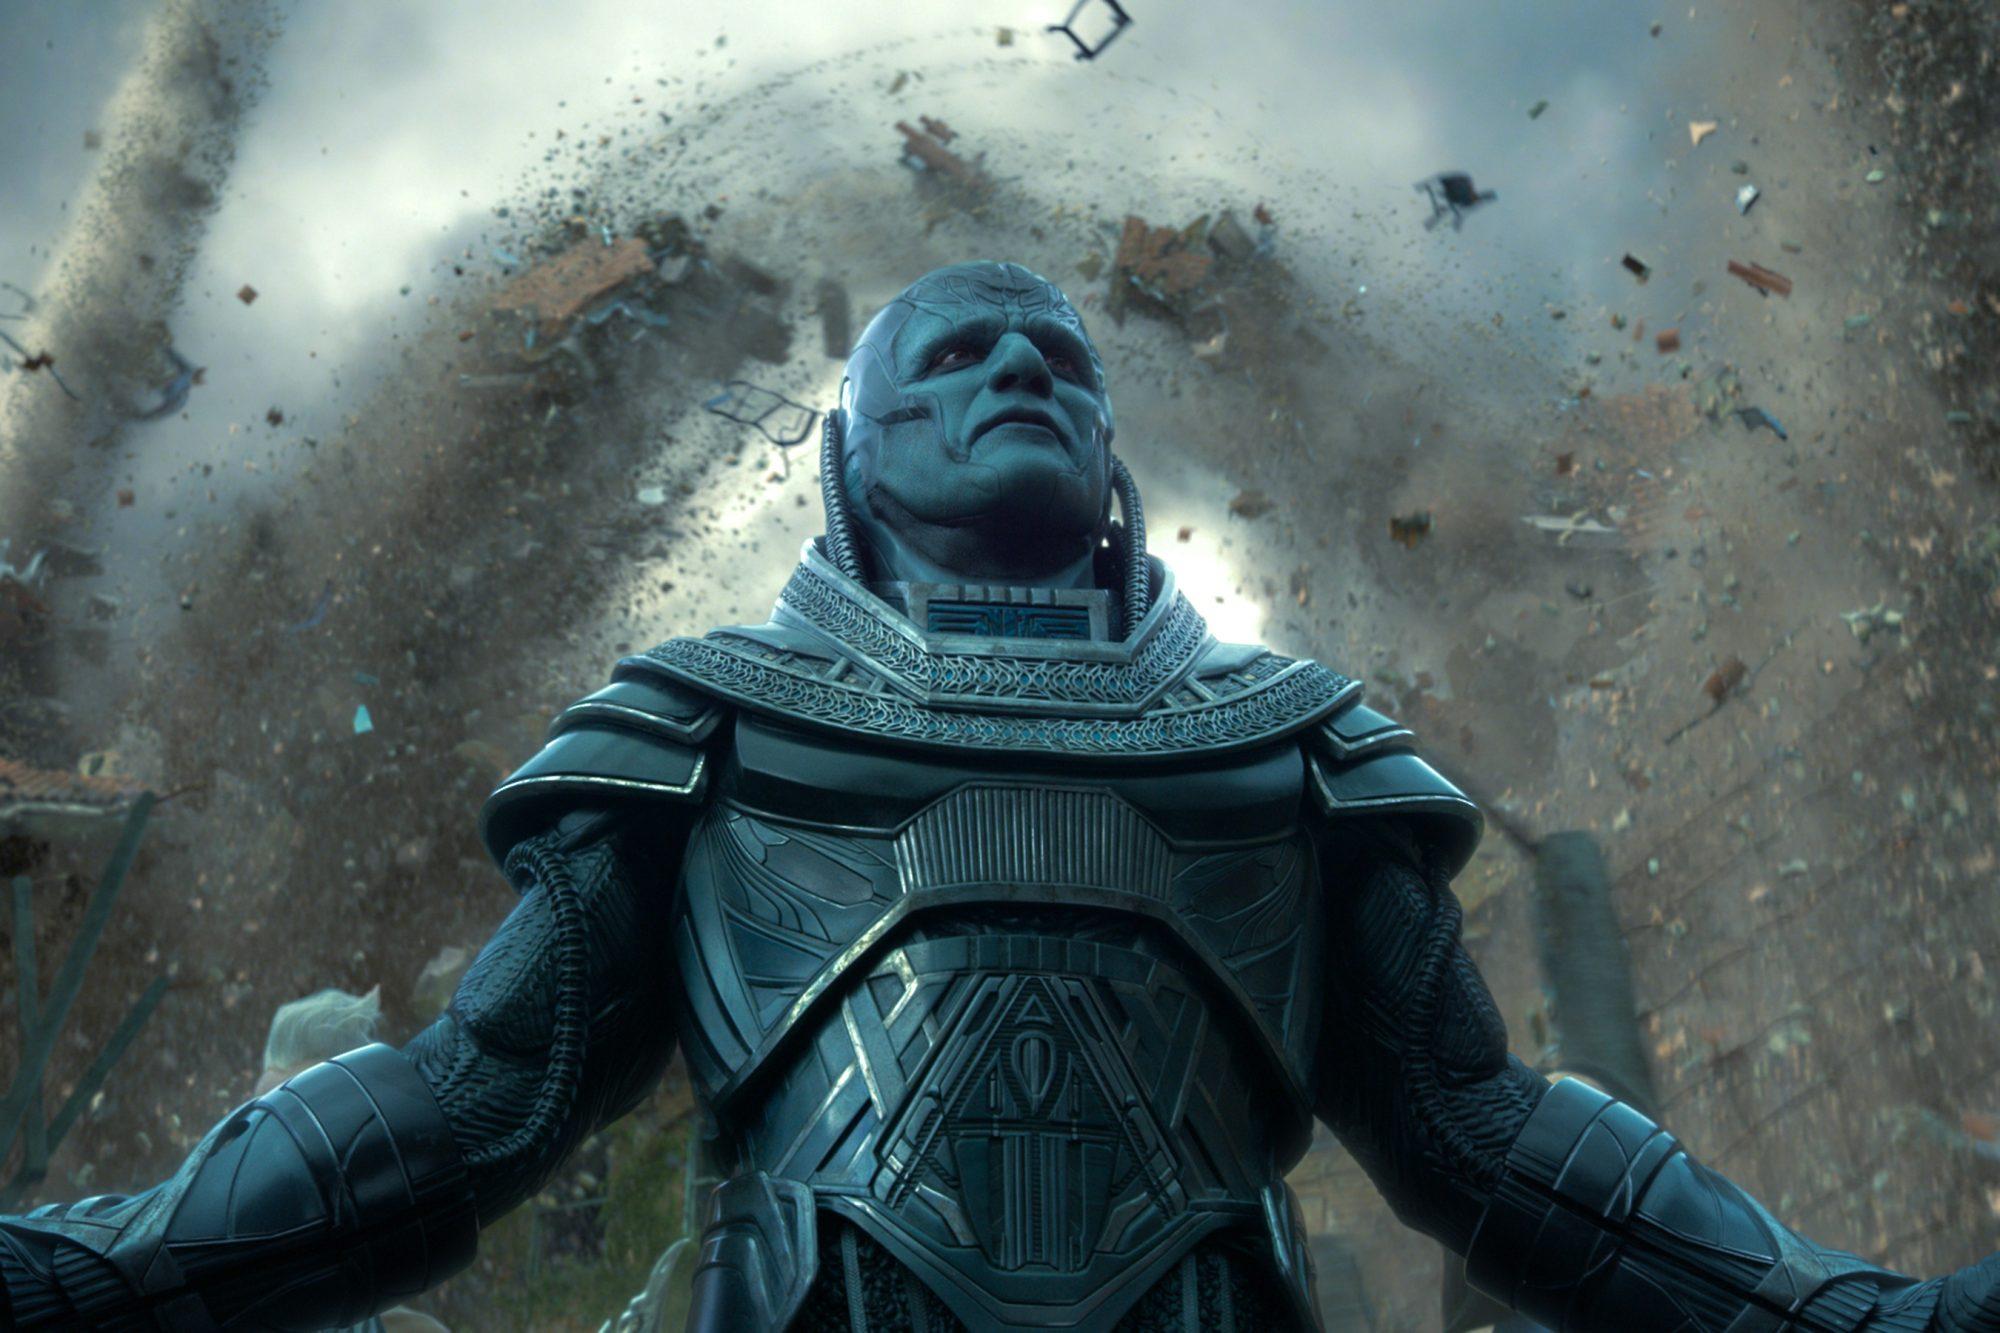 X-Men: Apocalypse (2016)Oscar Isaac